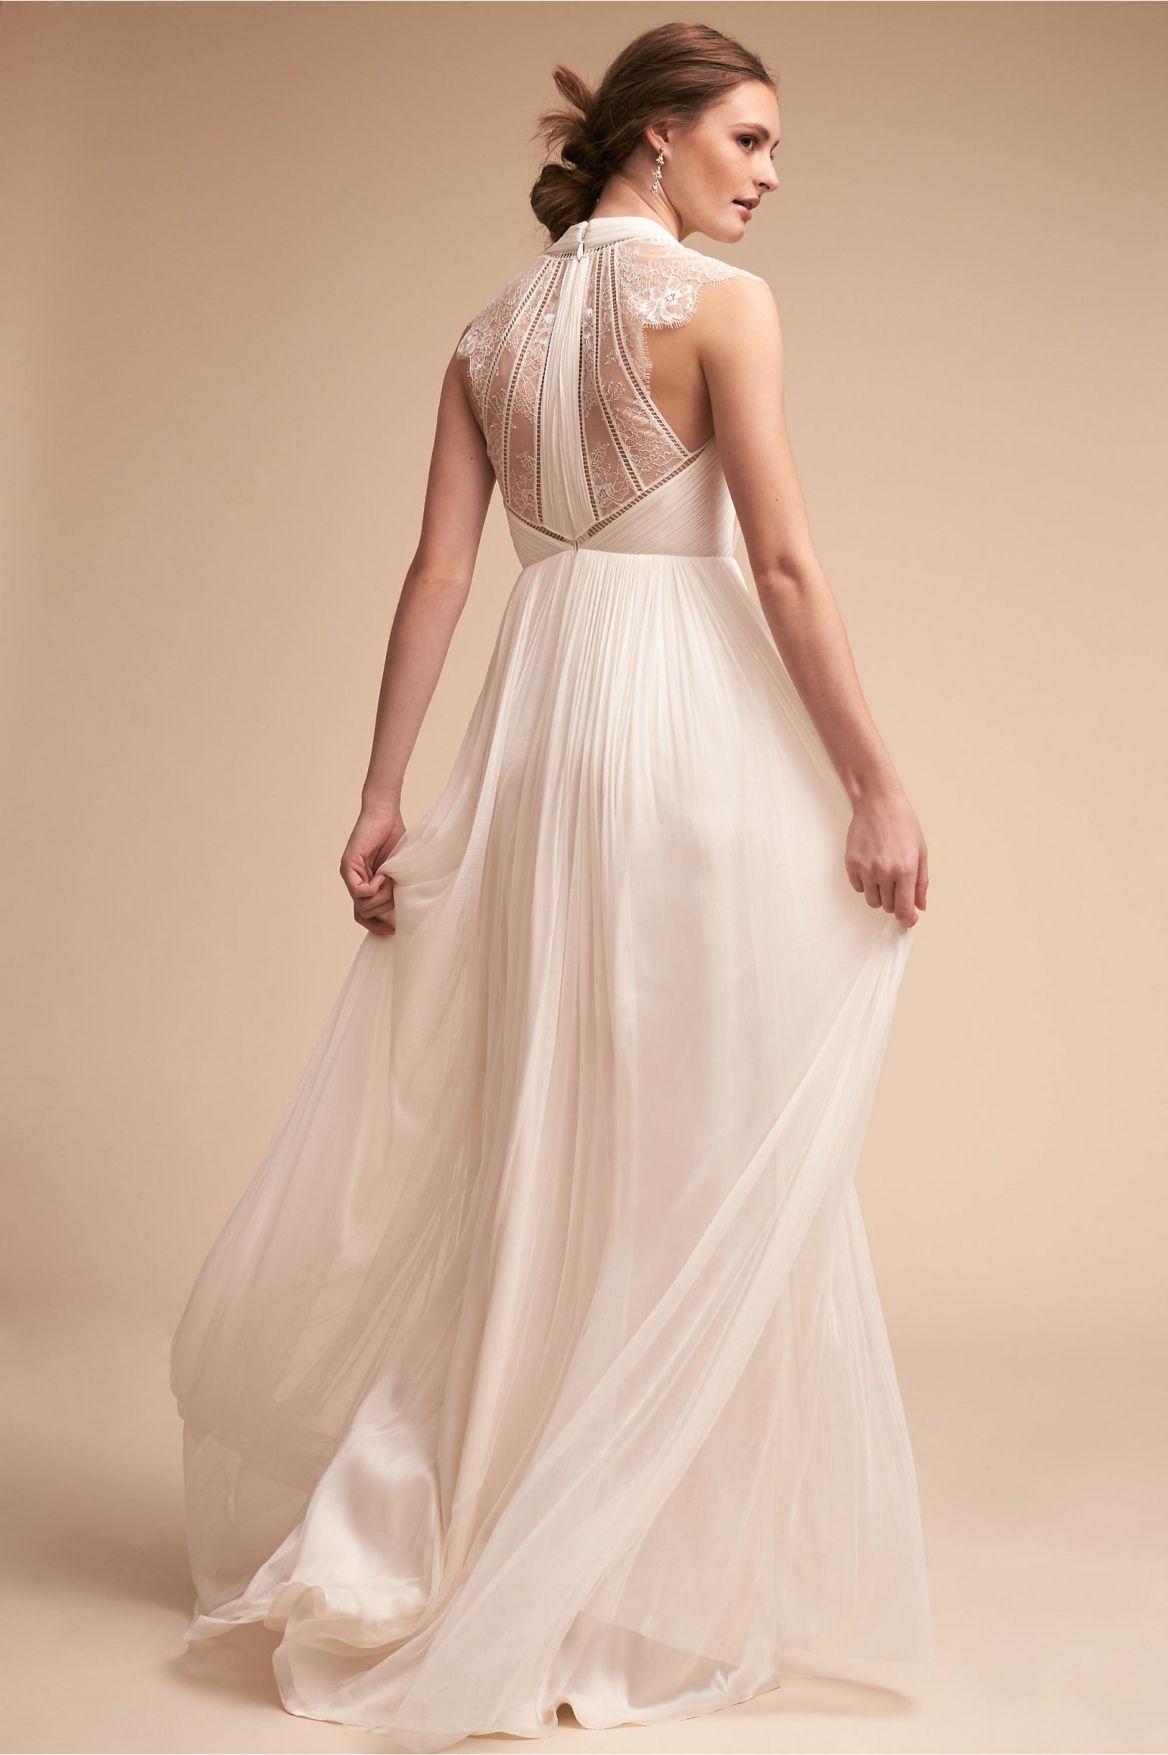 2018 Anthropologie Wedding Dress - Women\'s Dresses for Weddings ...